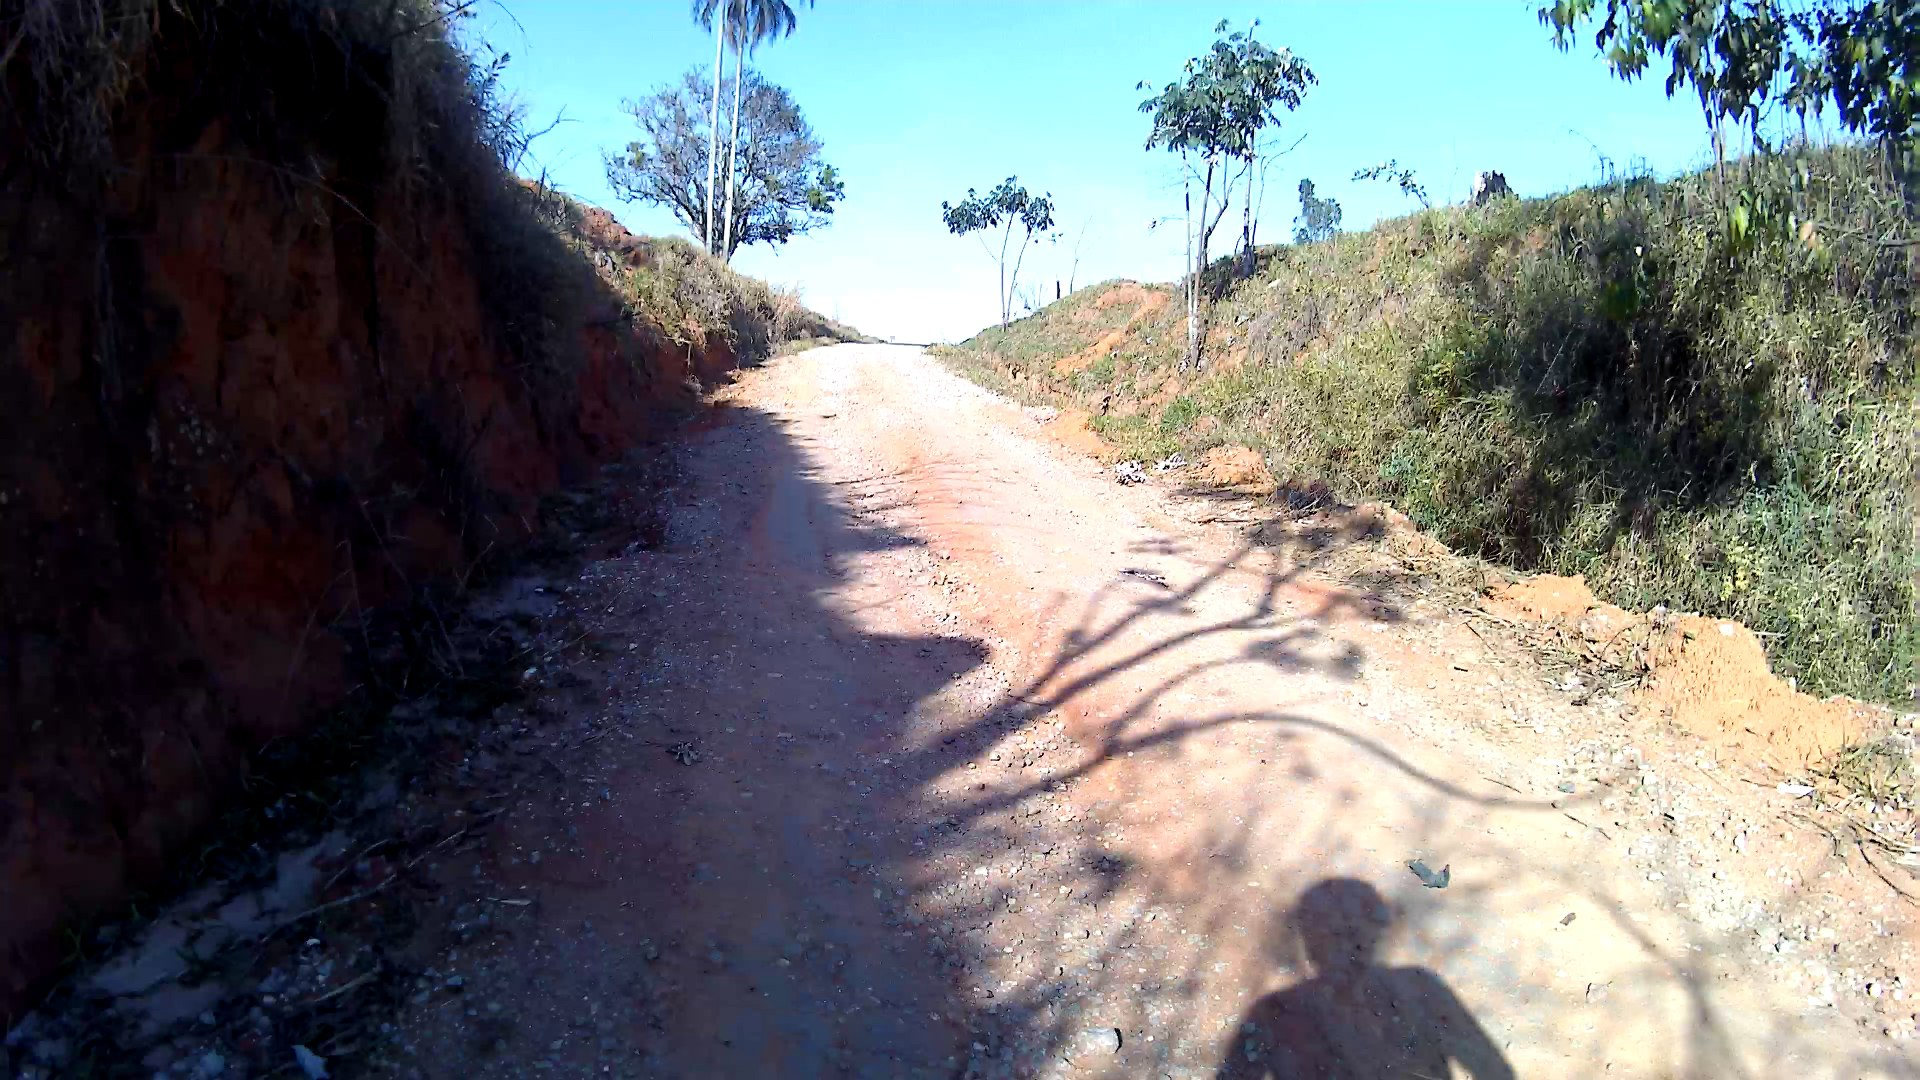 4k, Serra das Coletas, Ultra HD, 2 Torres, Jambeiro, SP, Taubaté, Caçapava Velha, Mountain bike, ped